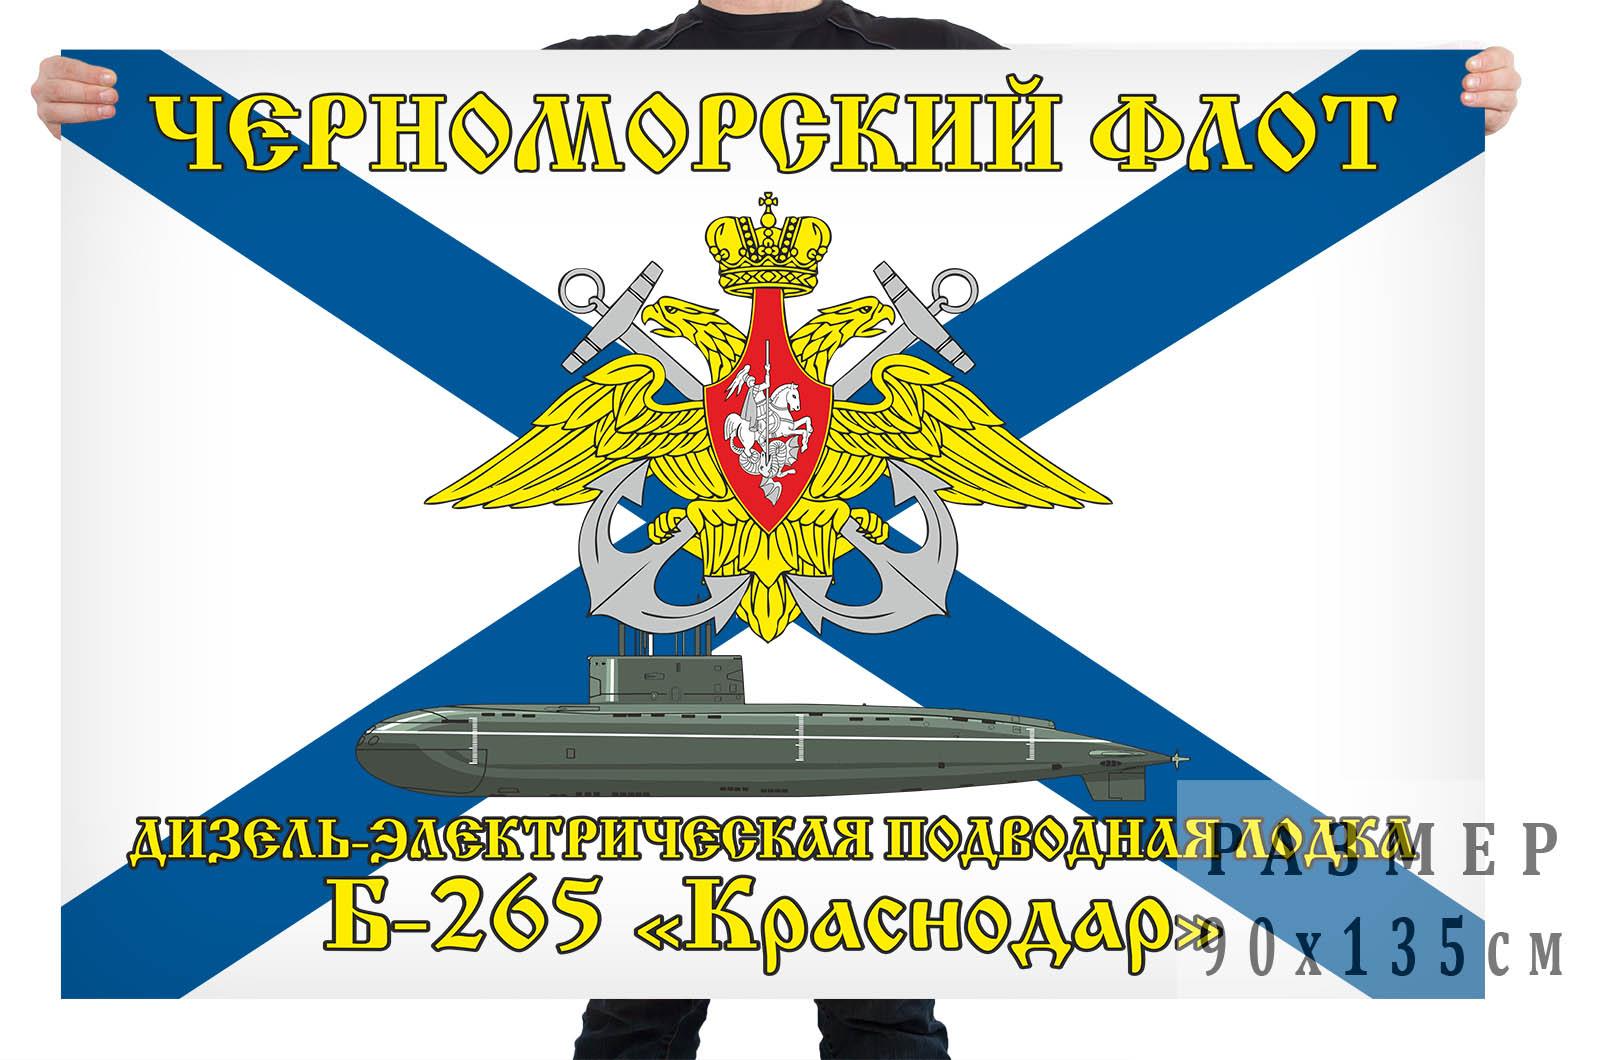 """Флаг дизель-электрической подводной лодки Б-265 """"Краснодар"""""""